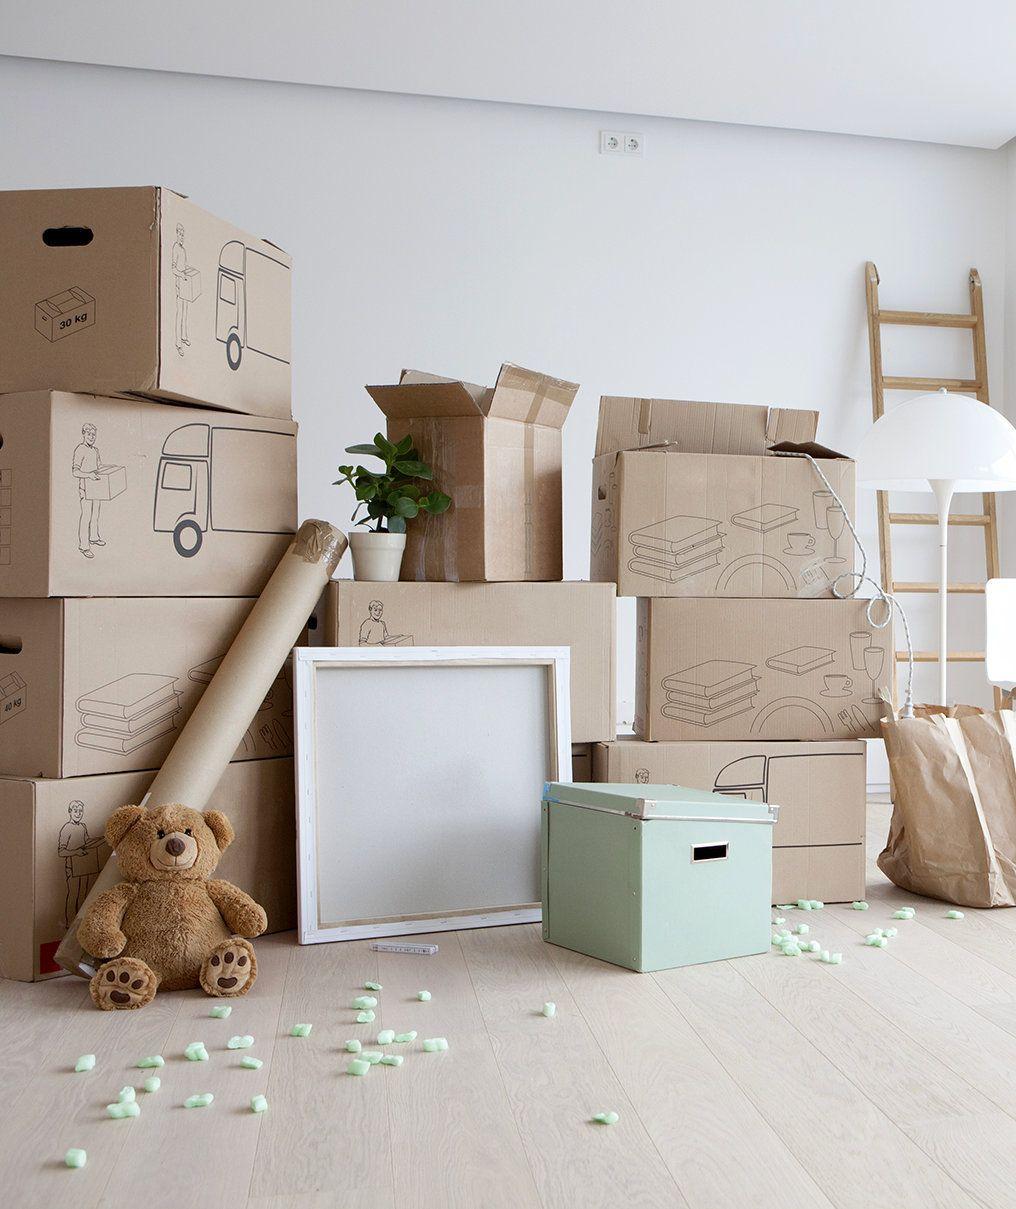 Gratis verhuisdozen